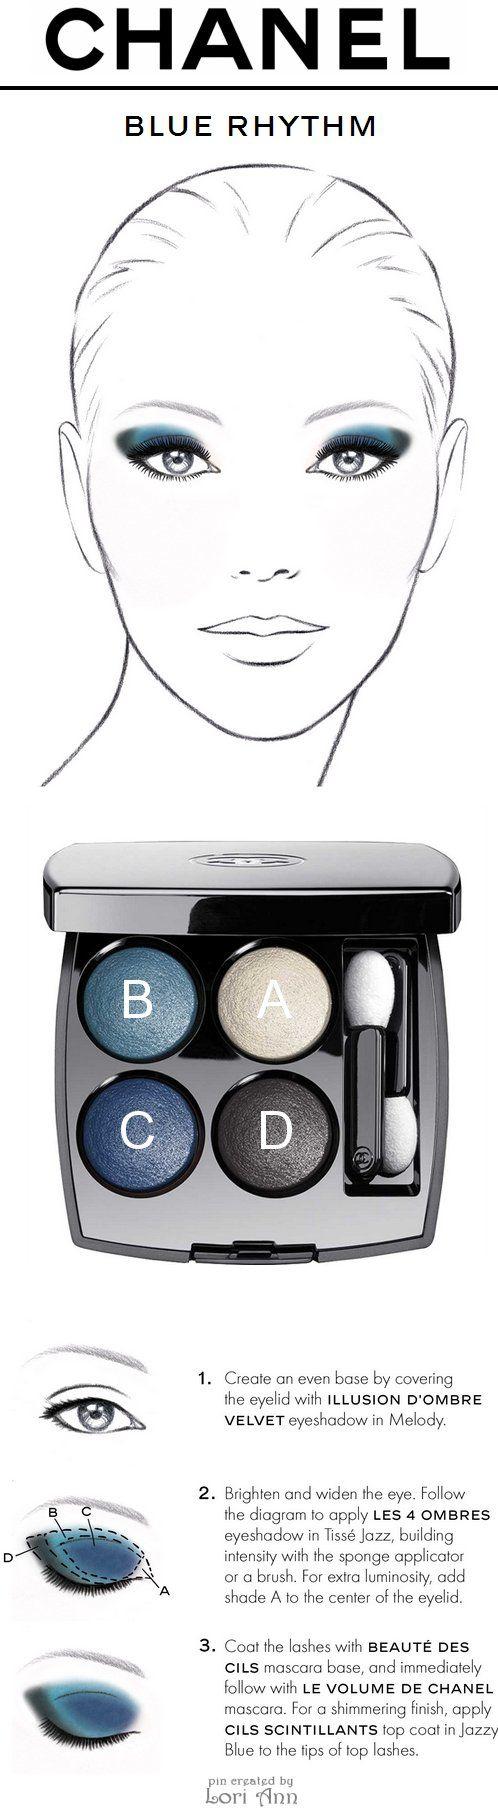 Chanel Blue Rhythm Eye Tutorial using Les 4 Ombres Eyeshadow Quad in Tissé Jazz